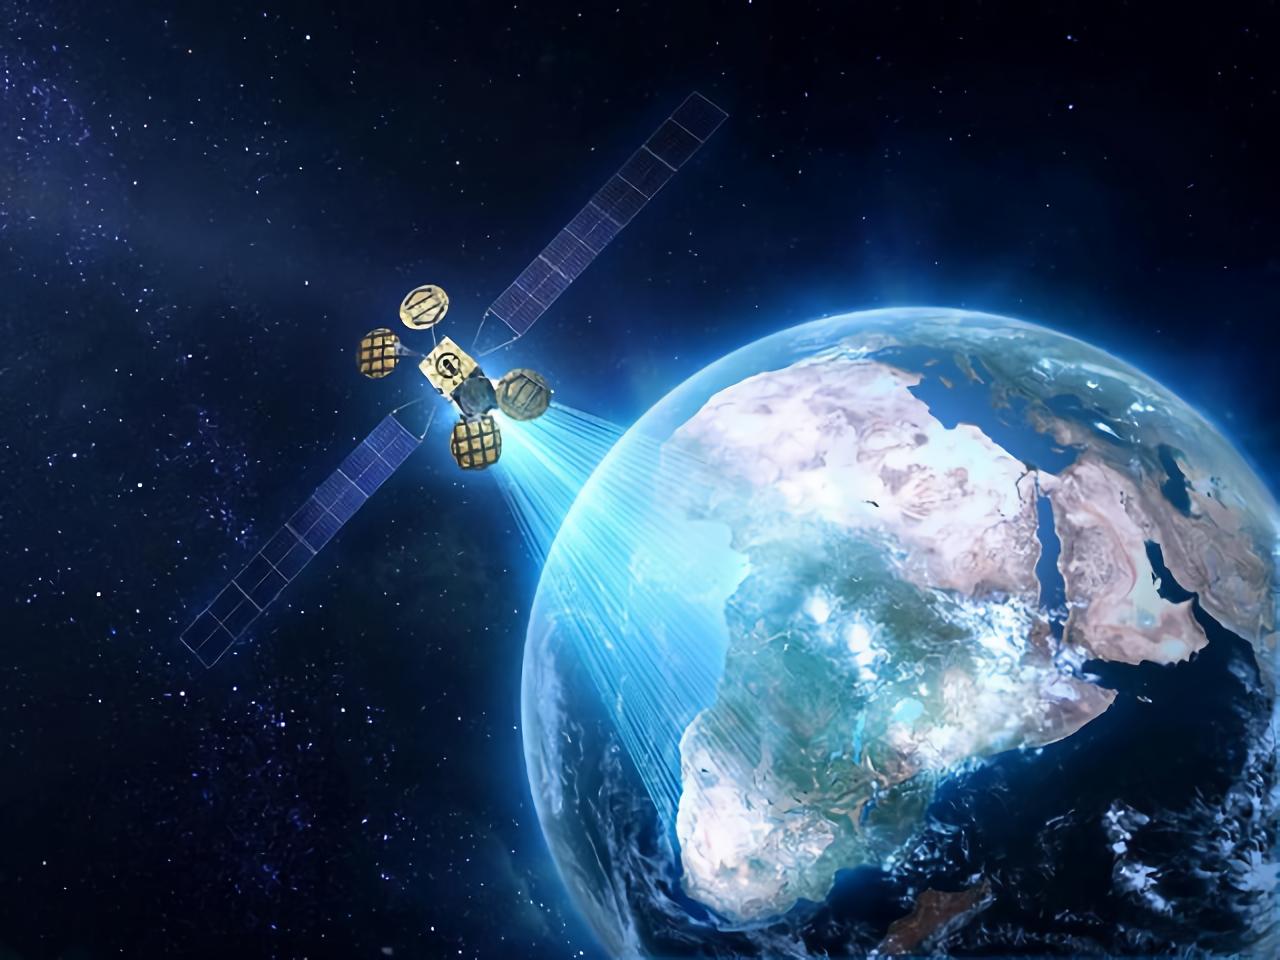 IBM、ハイブリッド/マルチクラウド環境の技術支援を行う新サービス